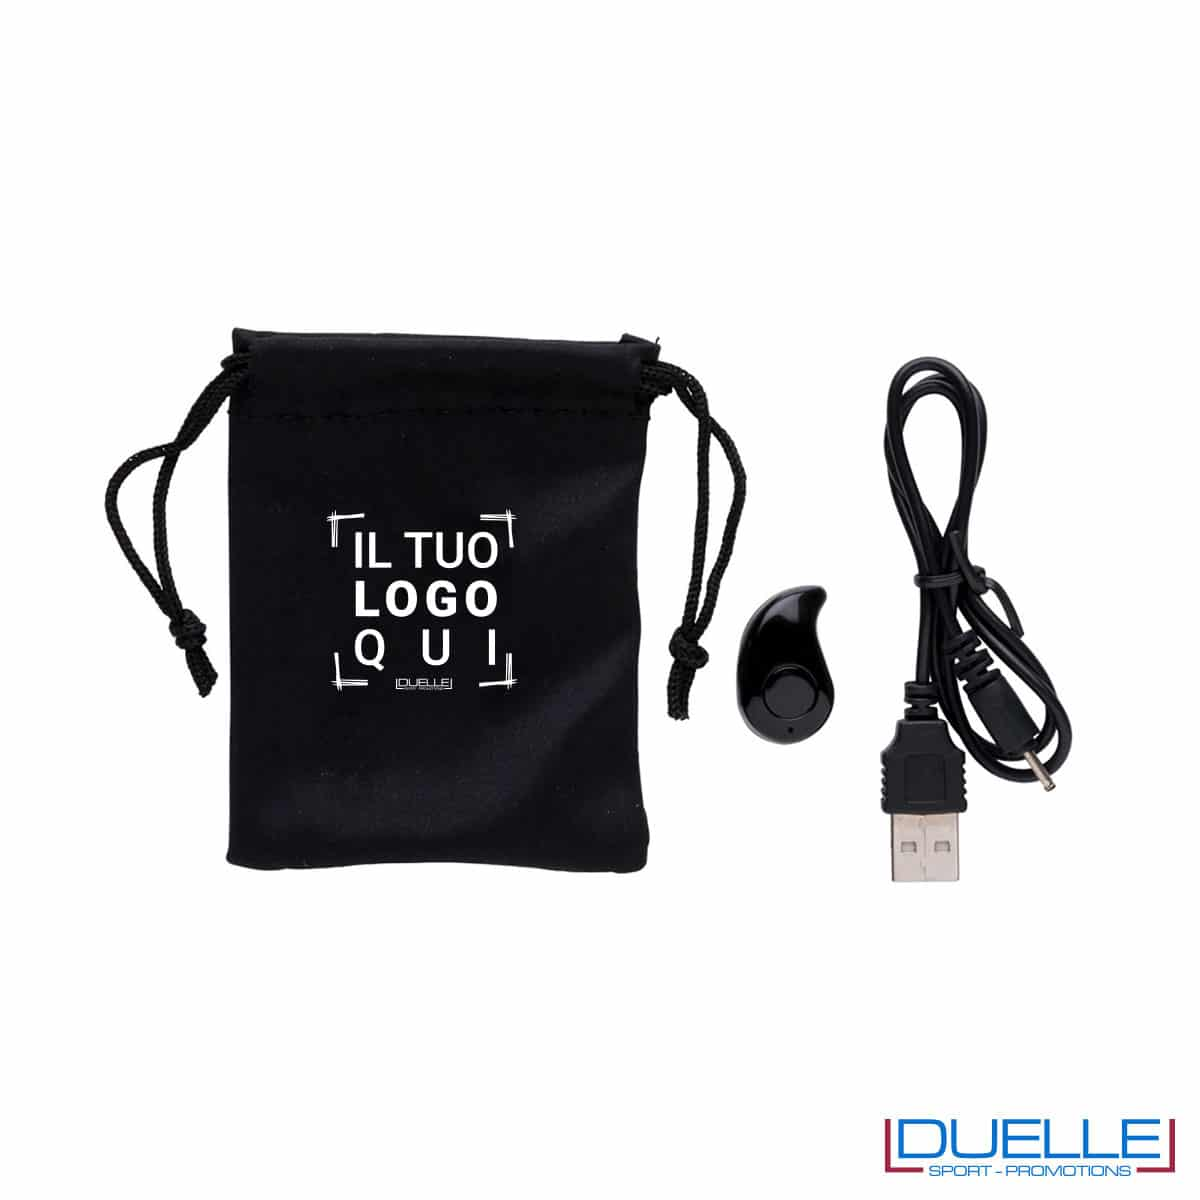 Auricolare wireless con microfono completo di cavo e cusotdia